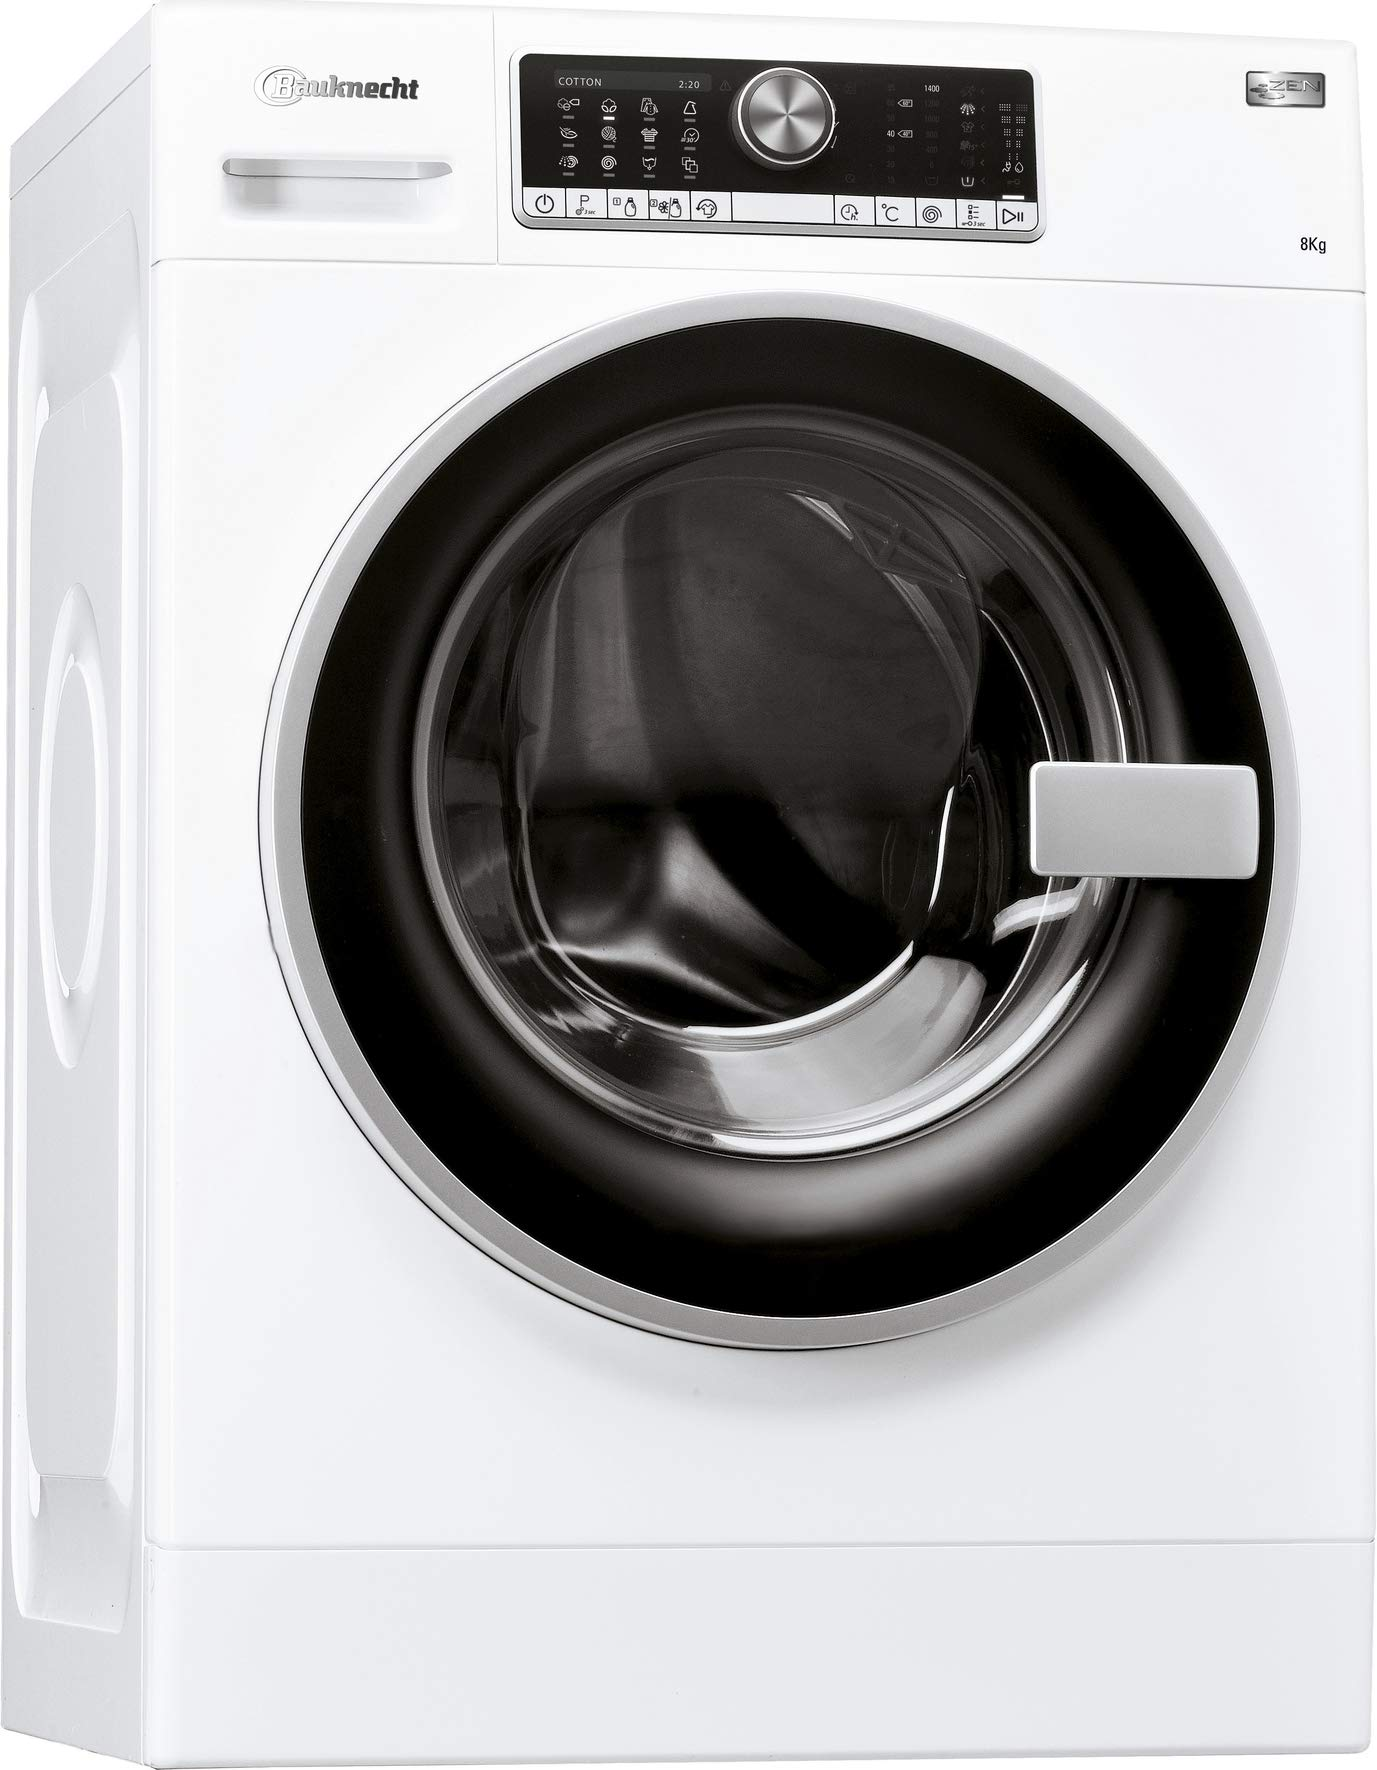 Bauknecht-WM-AutoDos814ZEN-Waschmaschine-FrontladerA-50-B-8-kg-1400-UpMautomatische-Dosierung-AutoDoseZEN-Direktantriebleise-mit-49-dBSoftMoveVollwasserschutzKurz-OptionFertigIn